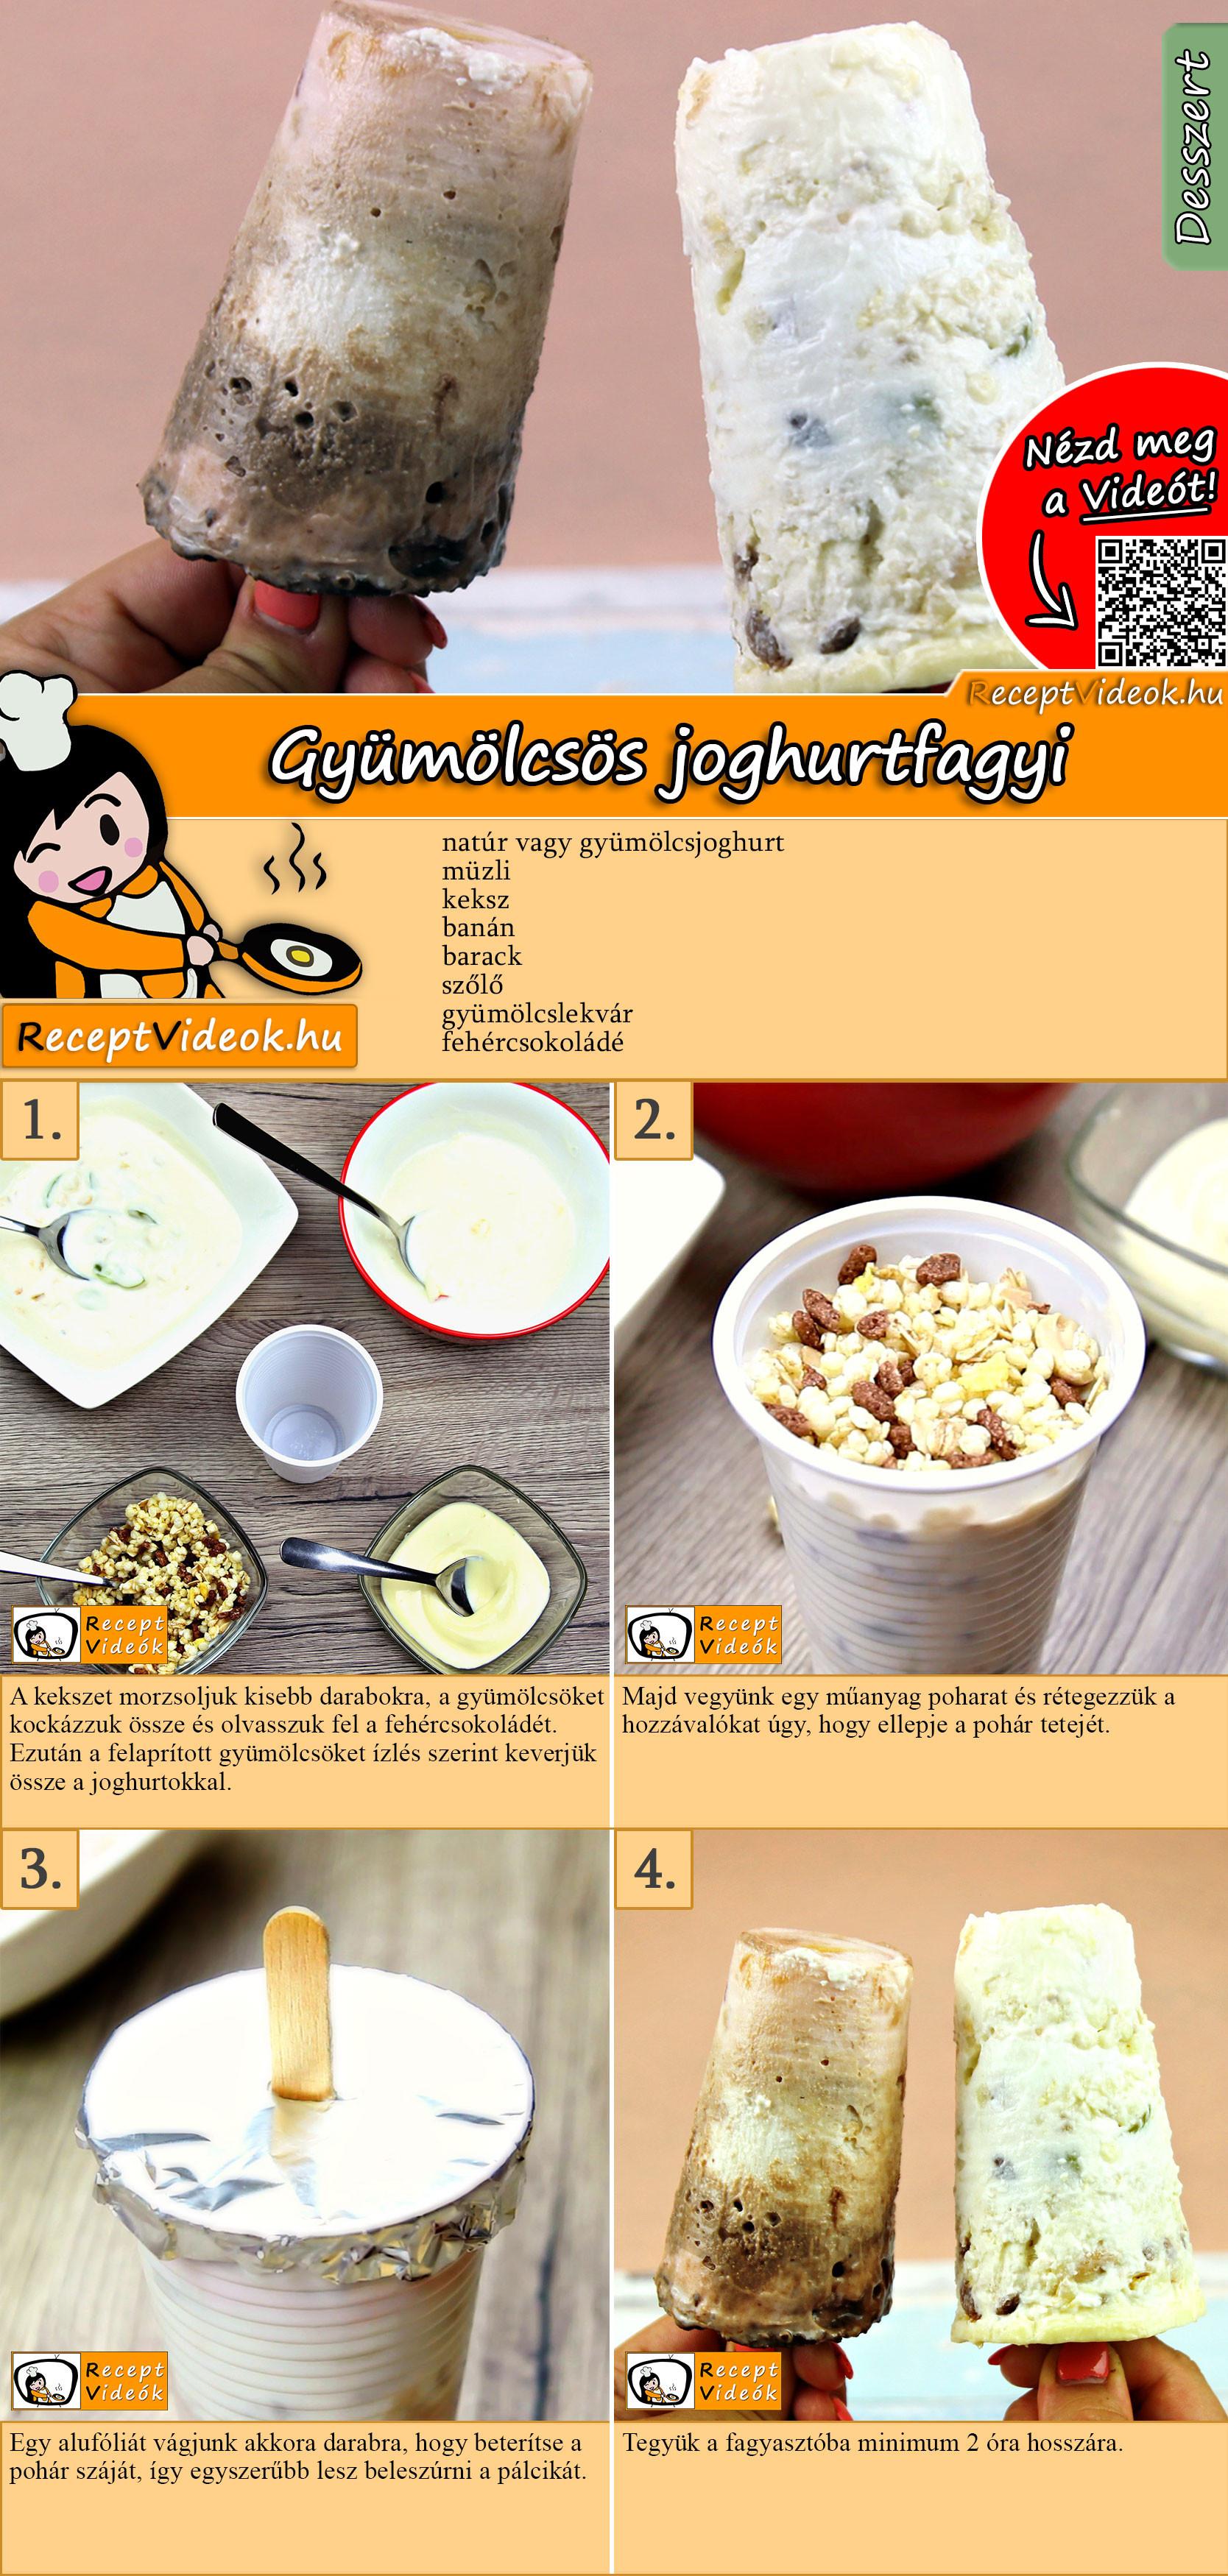 Gyümölcsös joghurtfagyi recept elkészítése videóval